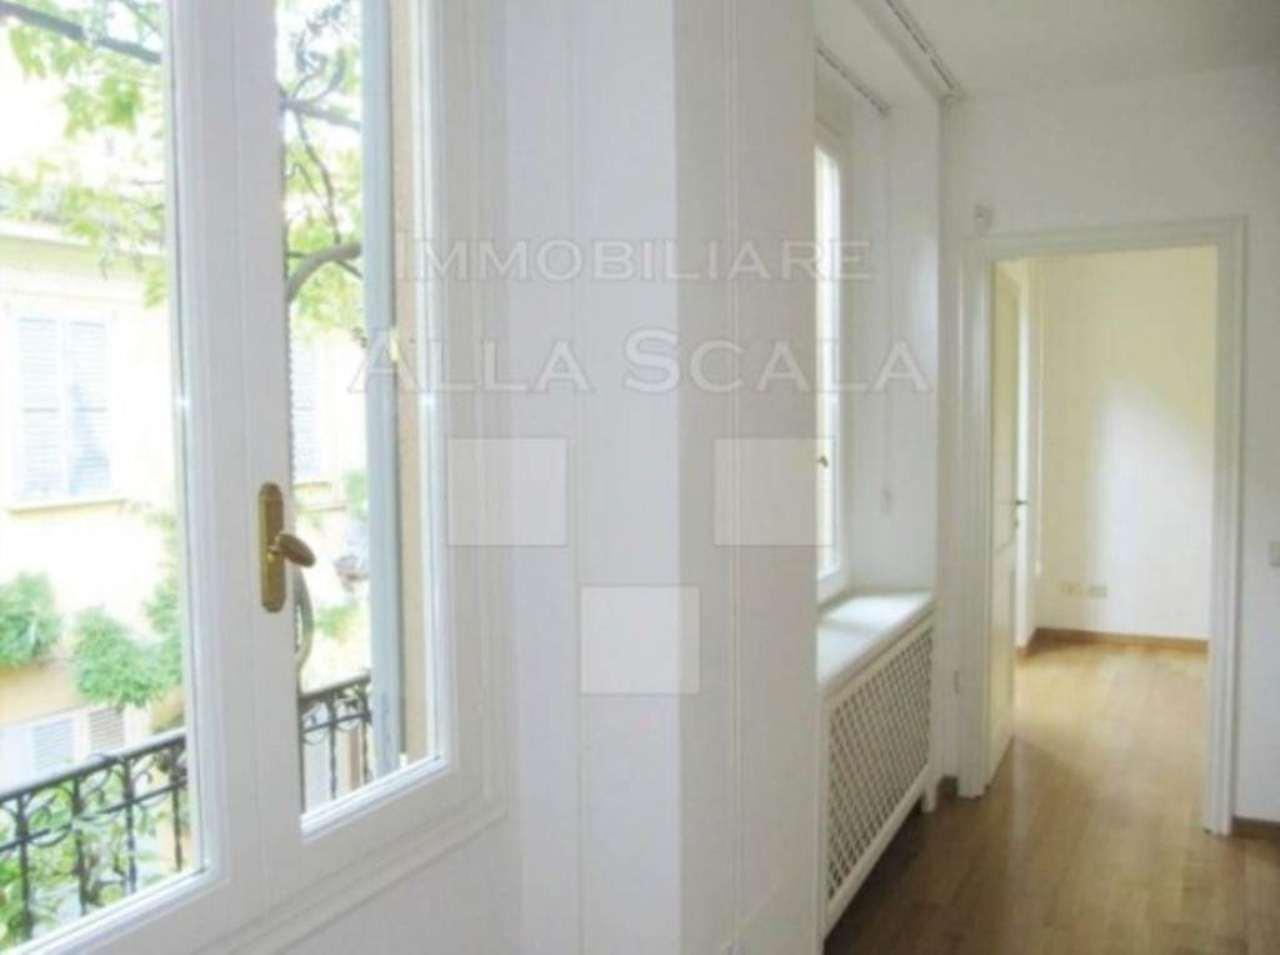 Appartamento in affitto a Milano, 3 locali, zona Zona: 1 . Centro Storico, Duomo, Brera, Cadorna, Cattolica, prezzo € 2.330 | CambioCasa.it